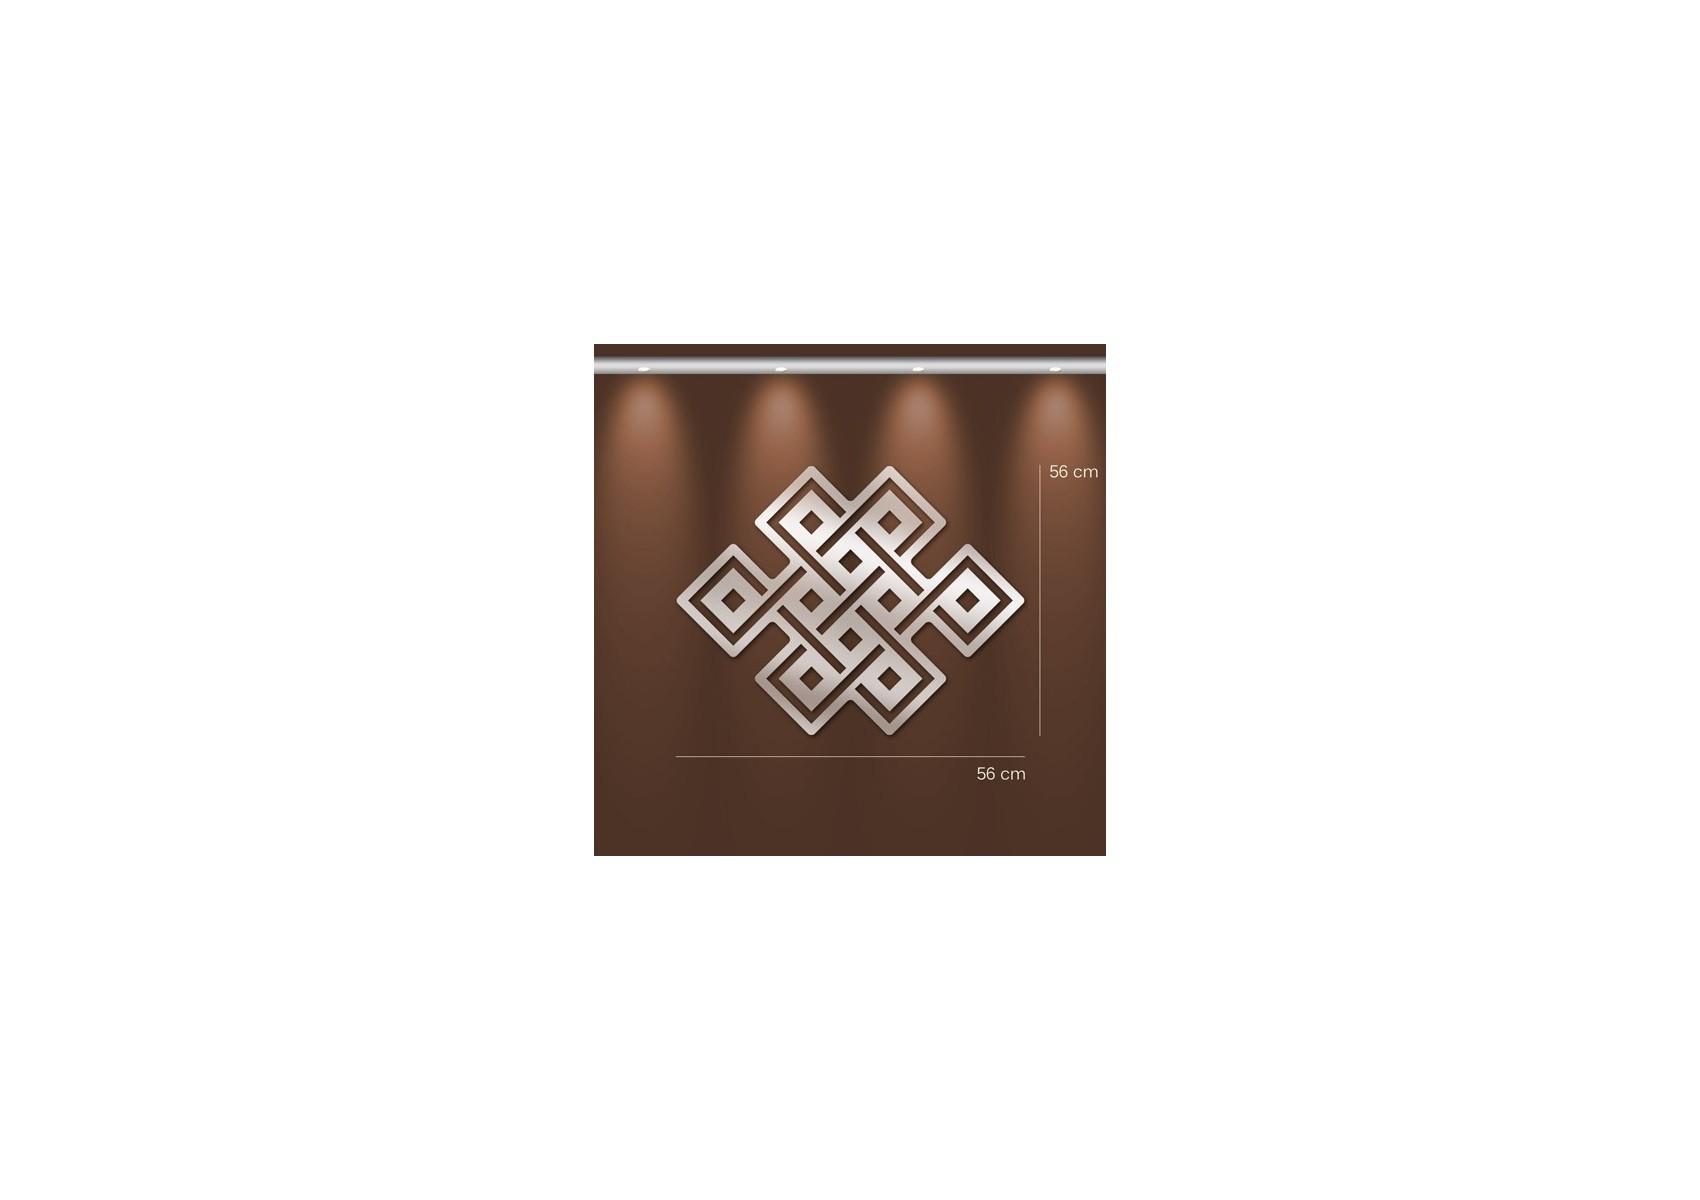 Miroir design symbole bouddhiste en acrylique boite design for Miroir en acrylique